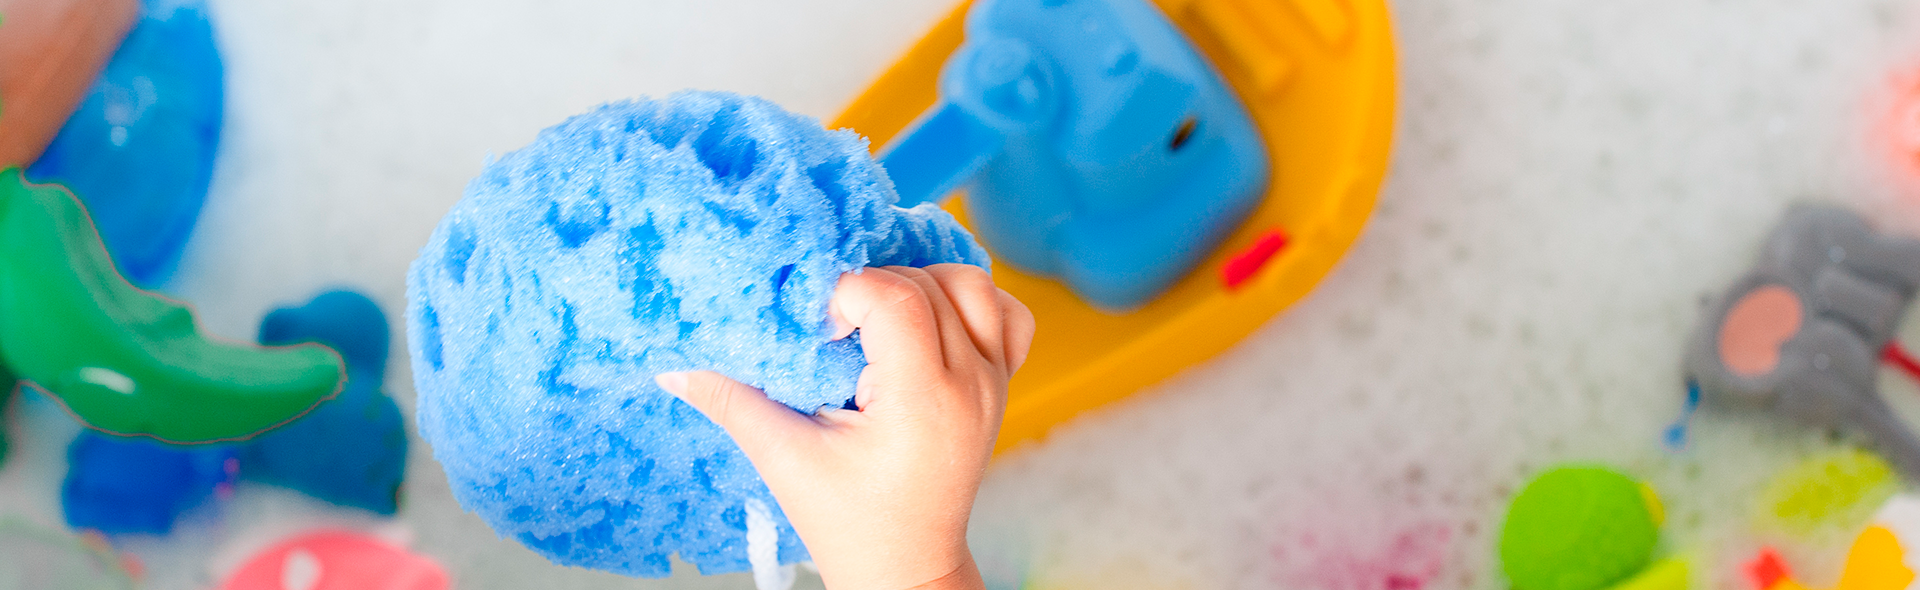 ¿Cómo limpiar tus juguetes?